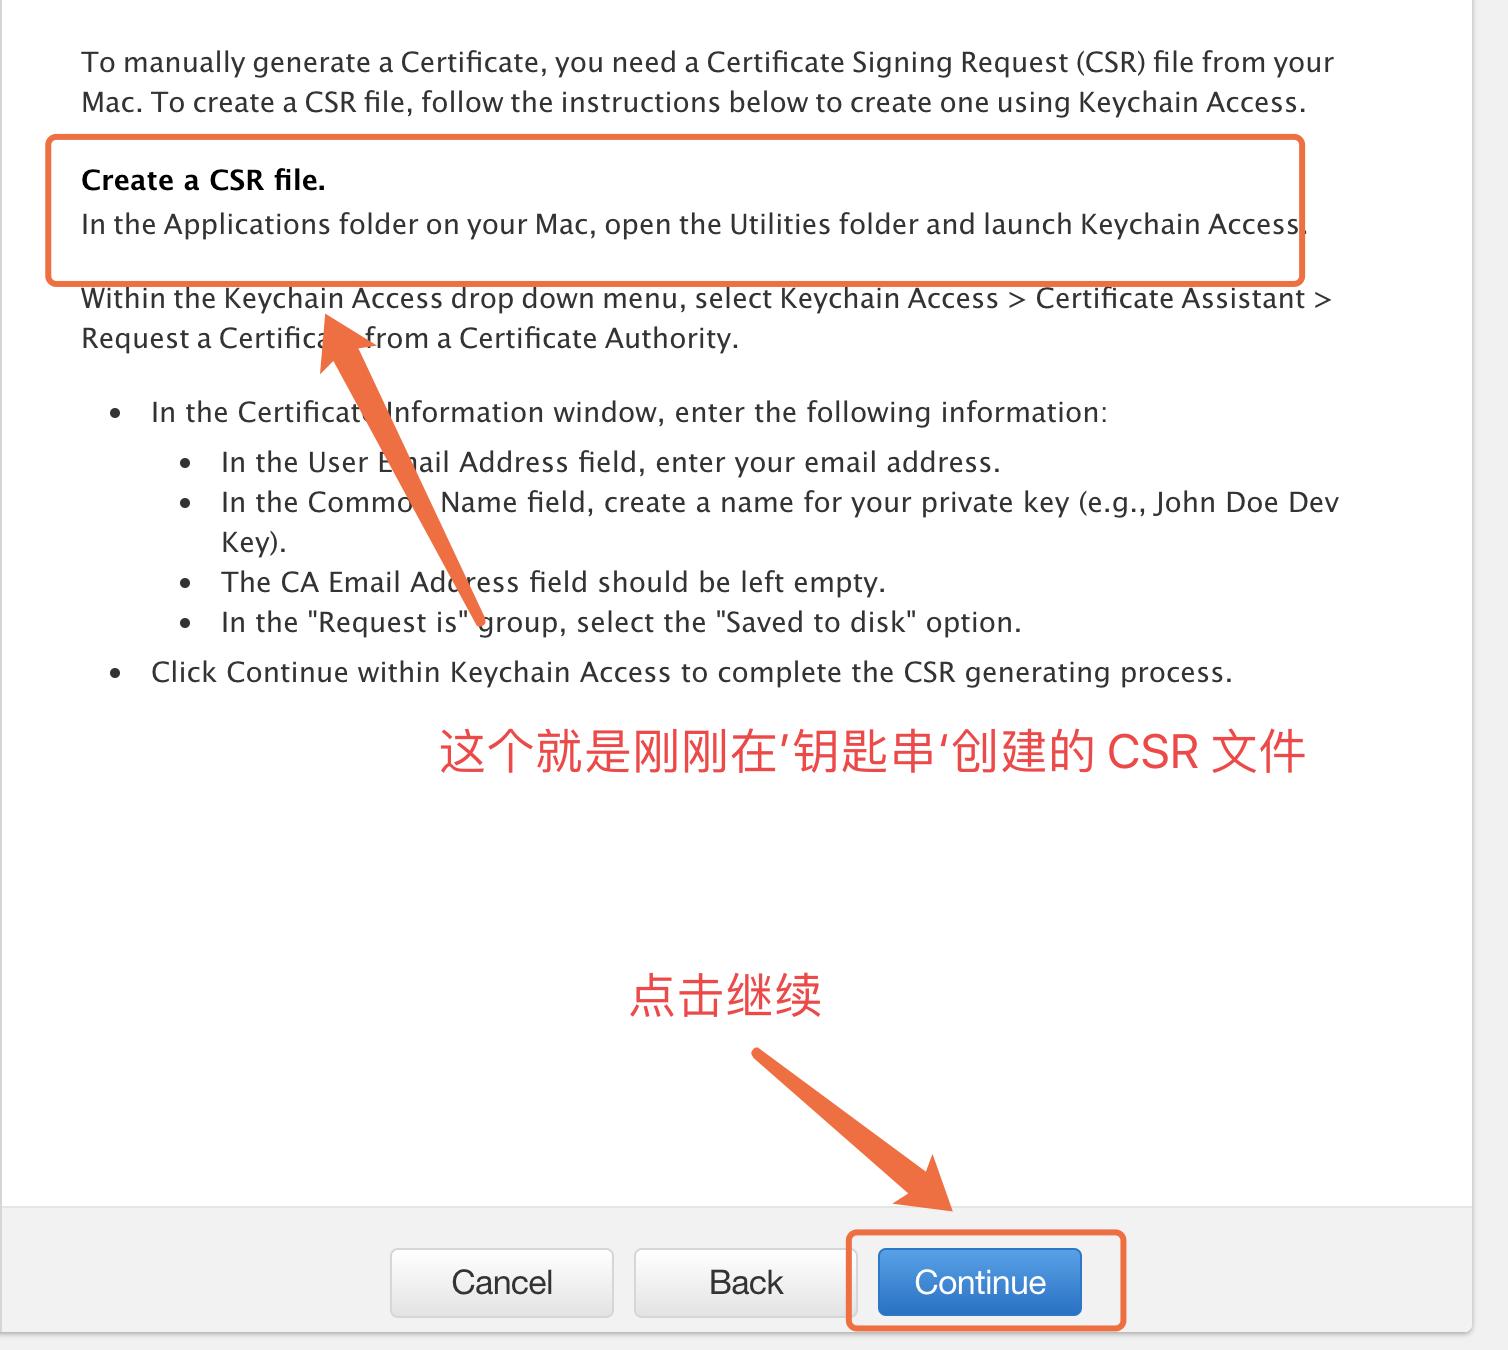 创建 CSR 文件